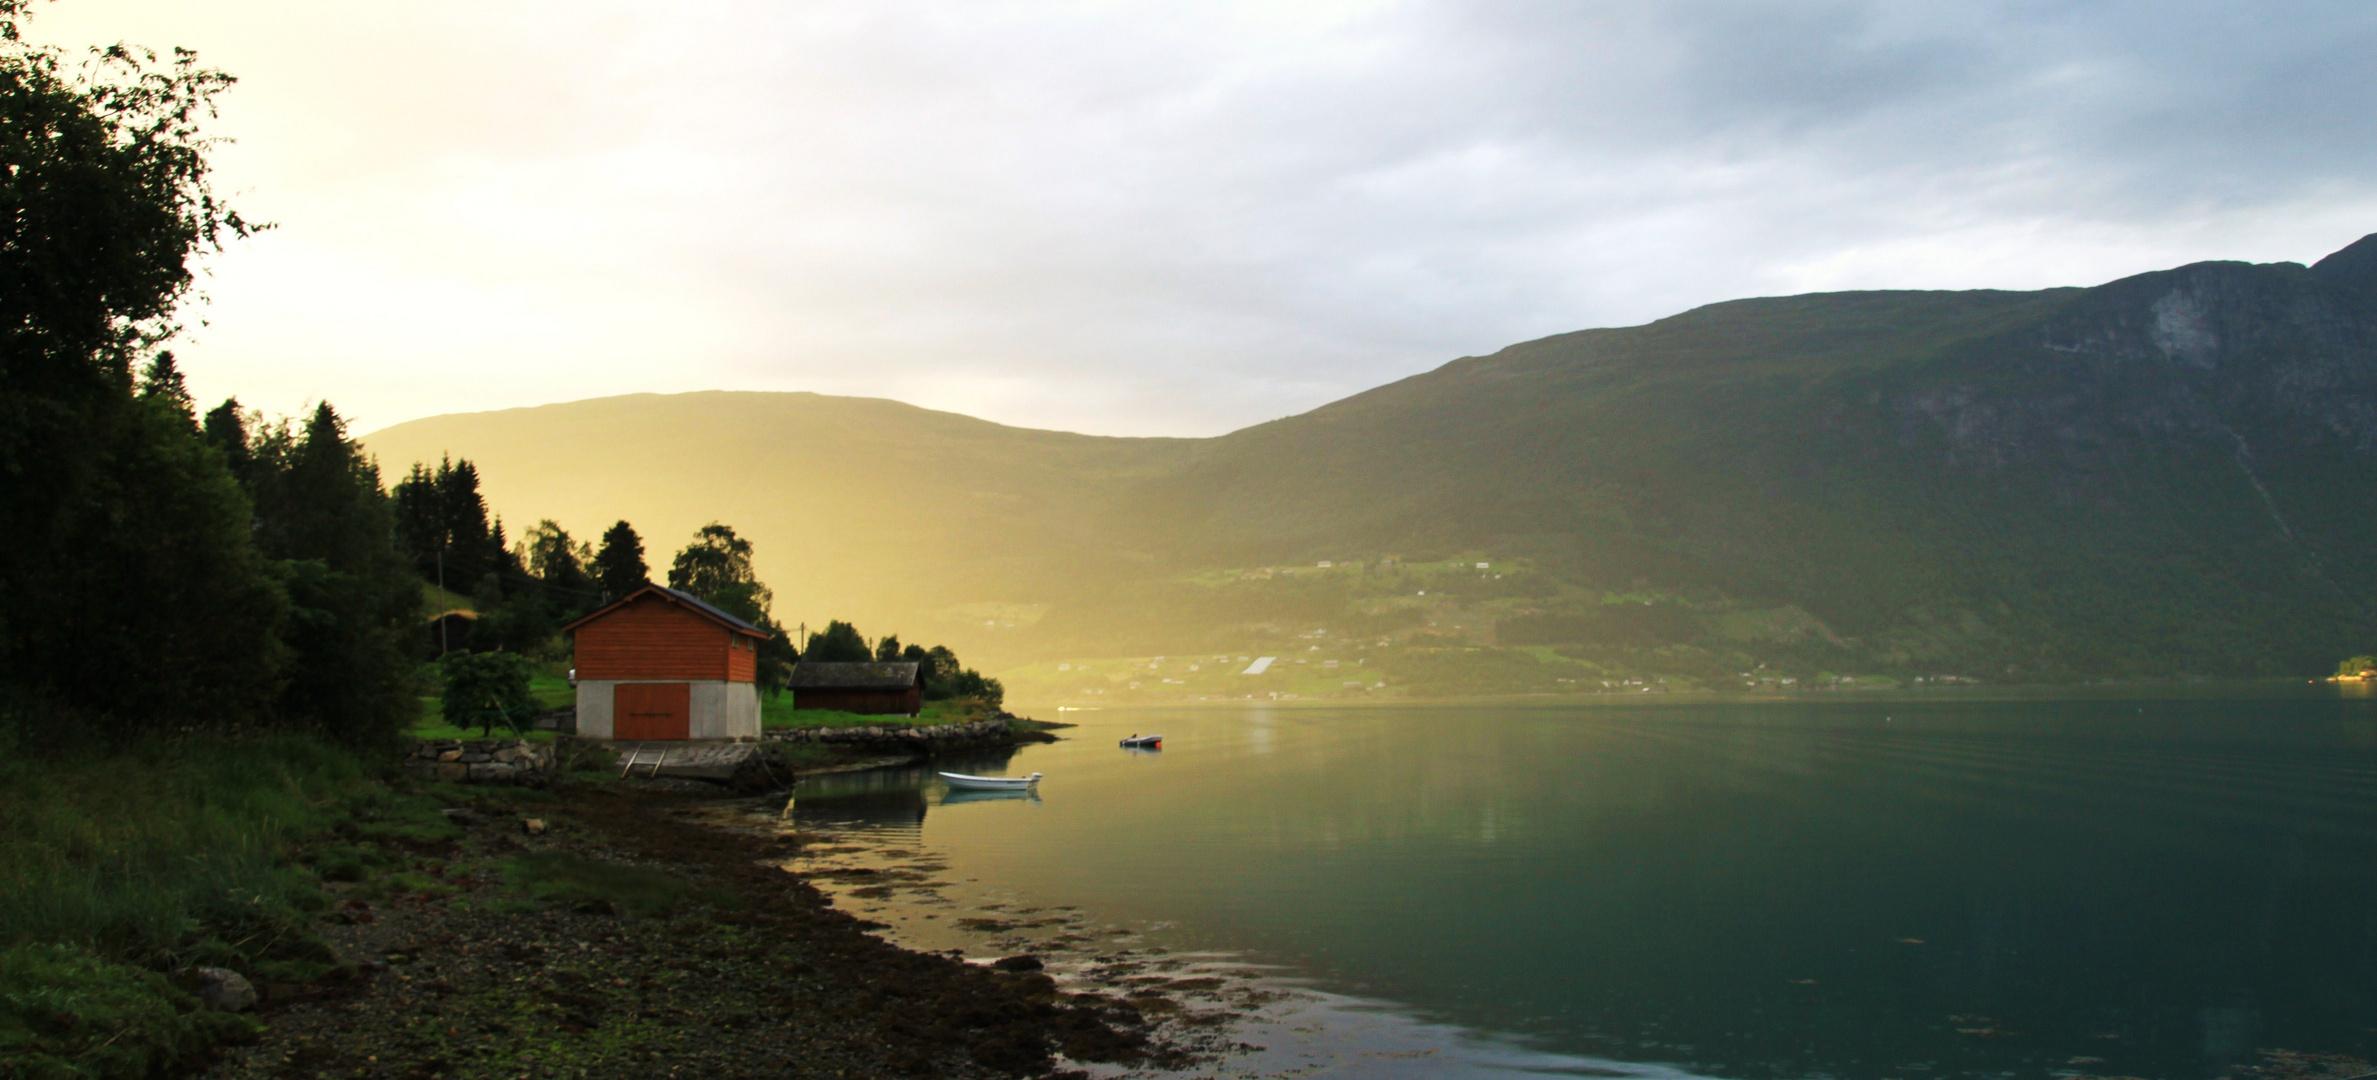 Olden / Nordfjord